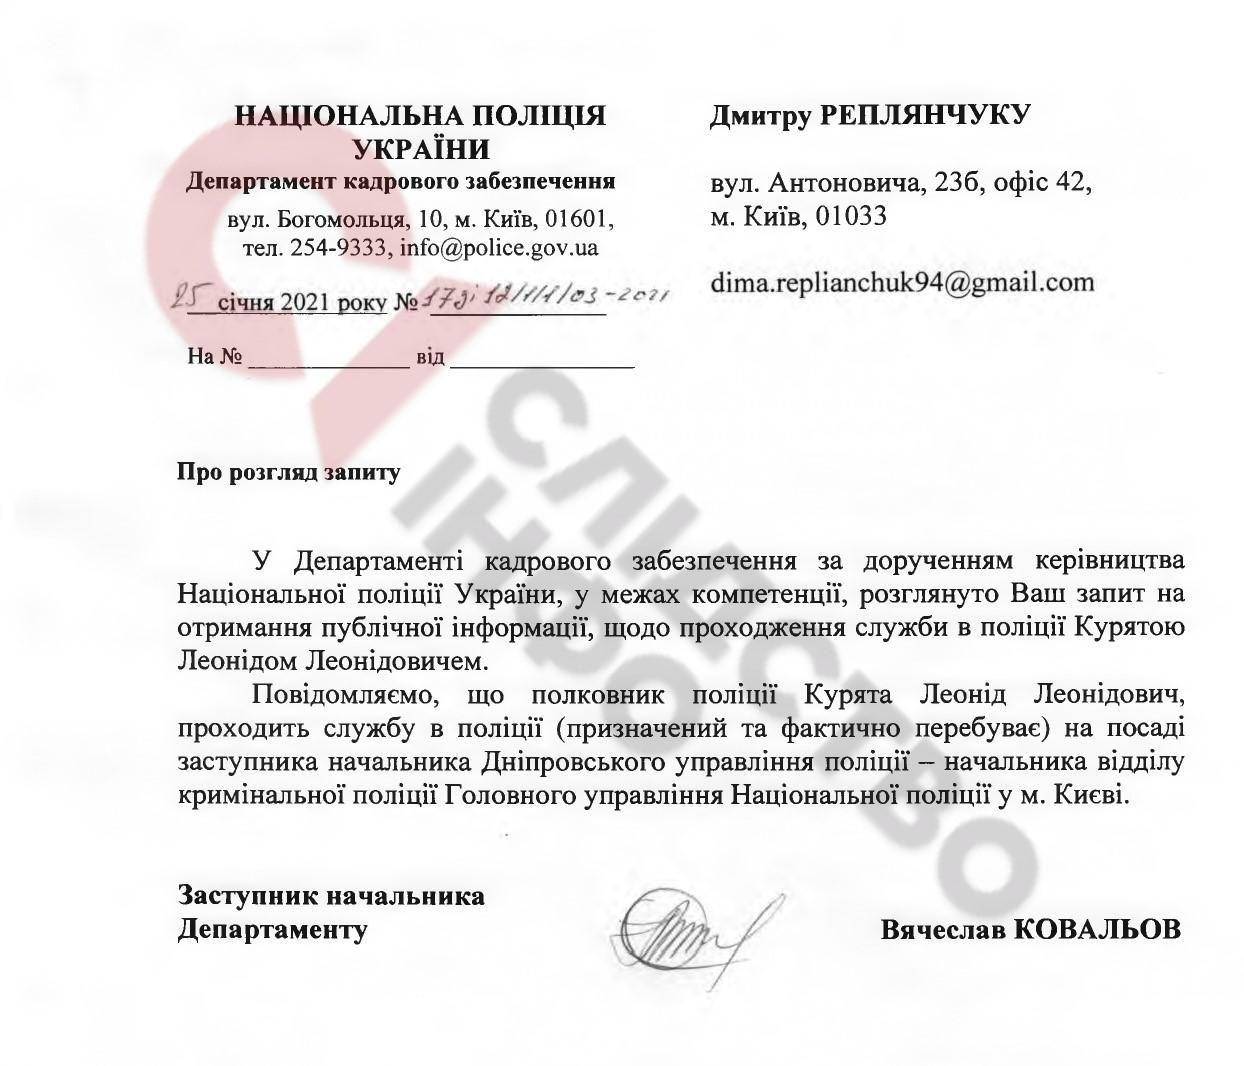 Перестрілка поліції у Княжичах: обвинувачений у розстрілі отримав керівну посаду у Києві